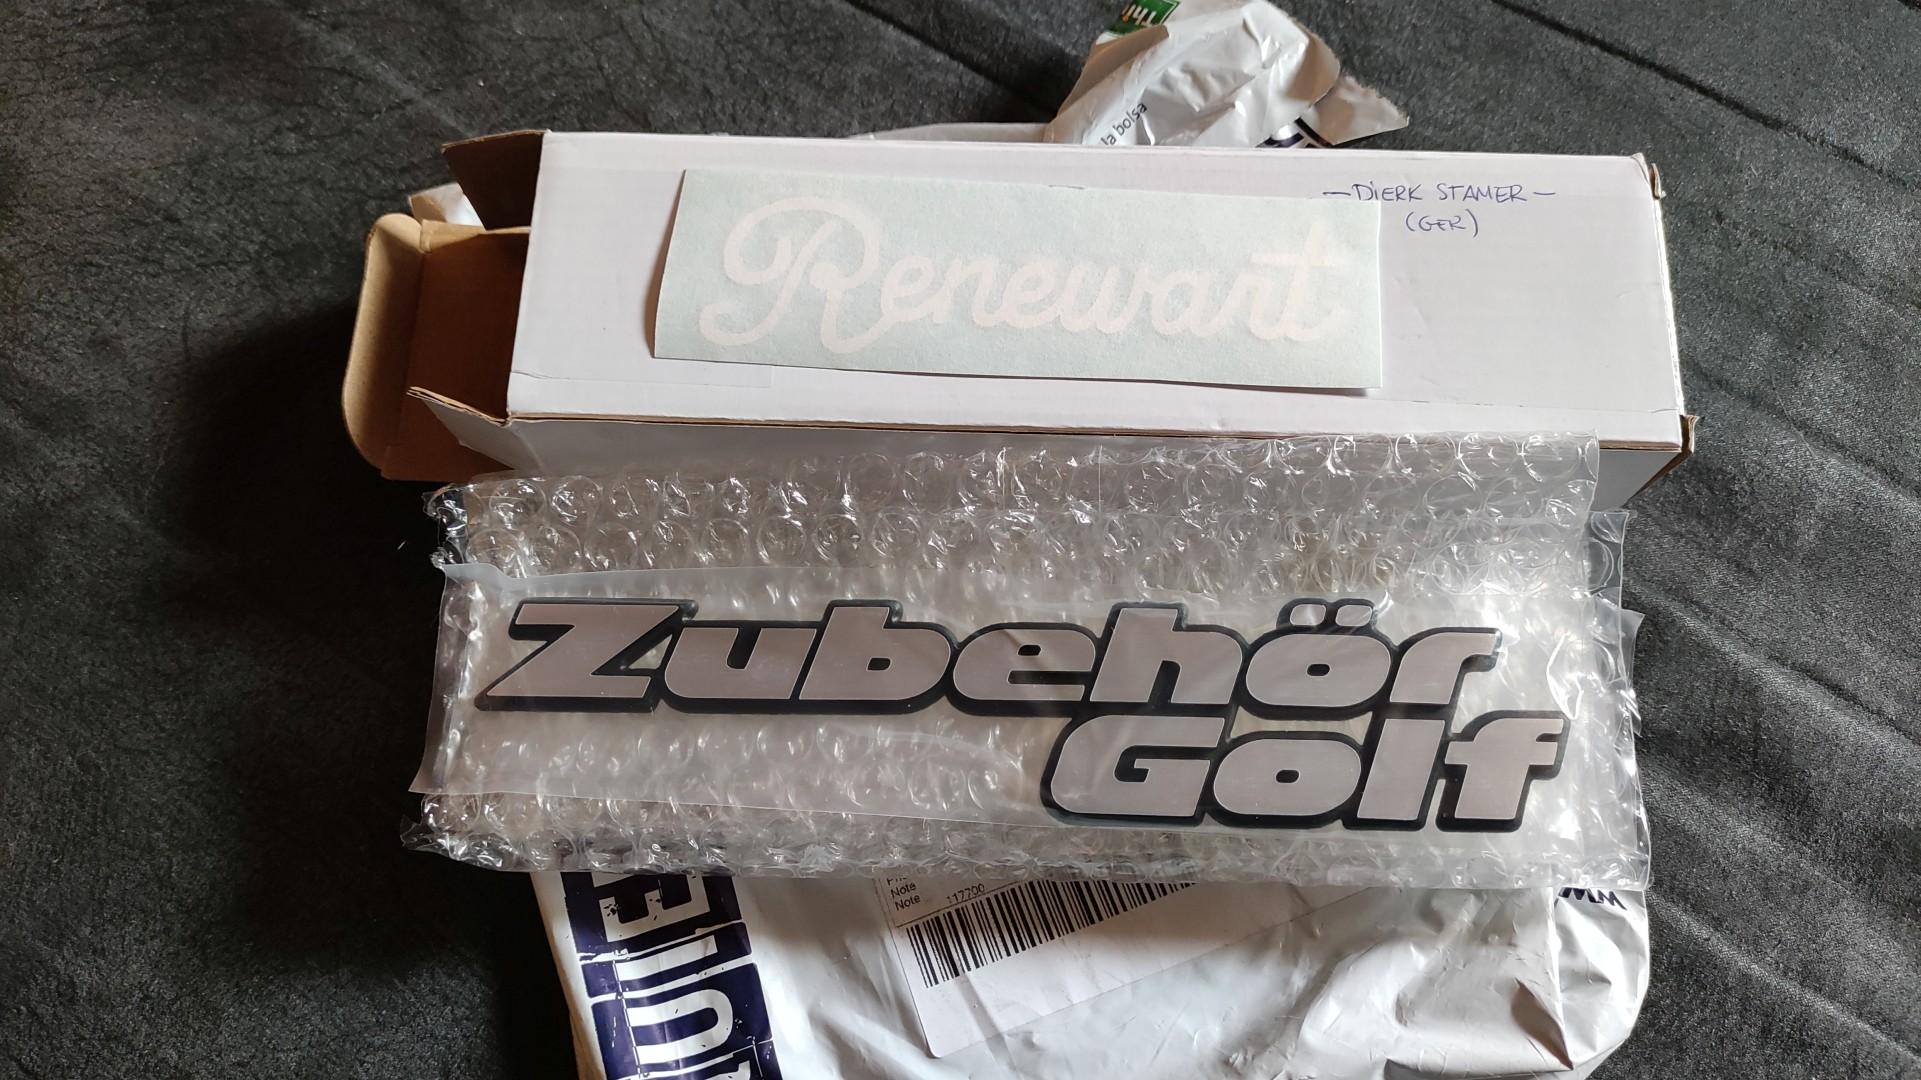 Zubehoer_Golf_2021-01-A02.jpg